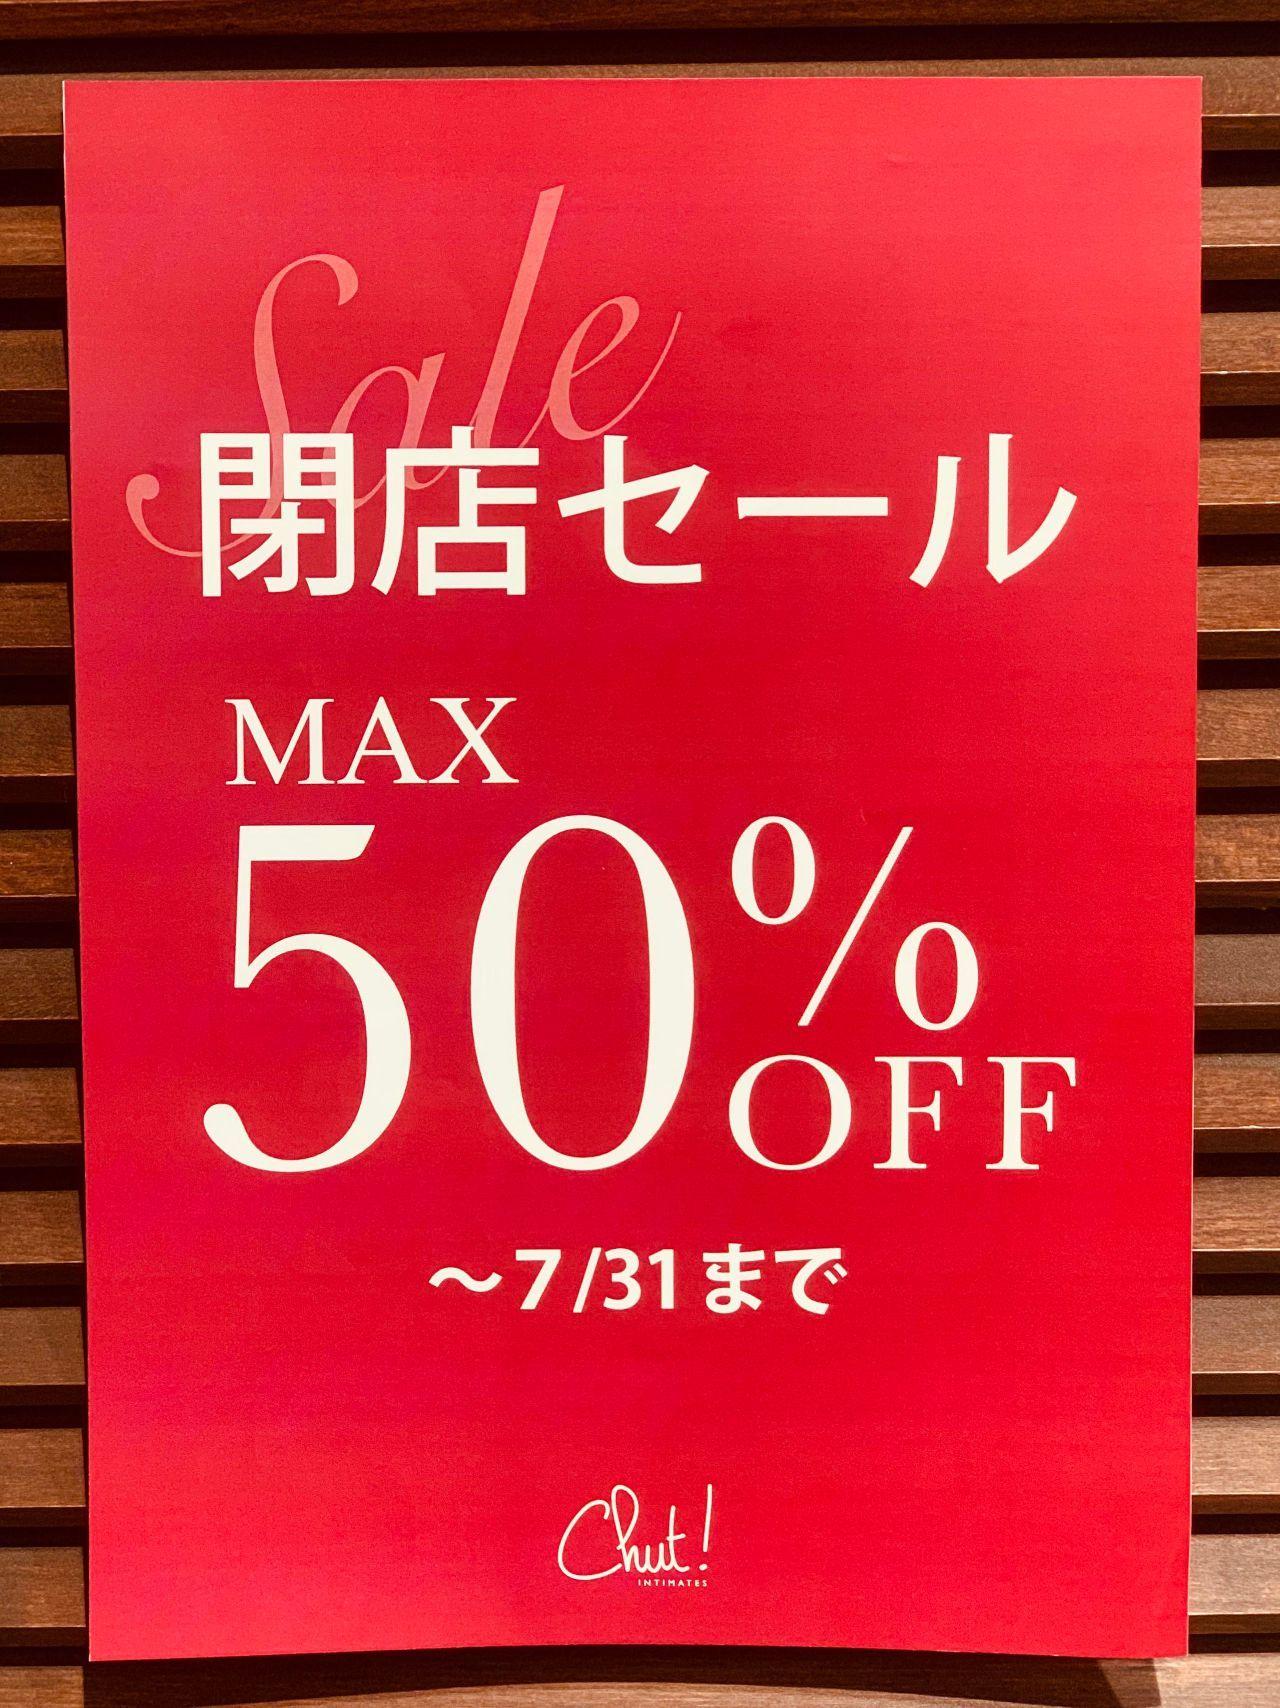 閉店のお知らせです【錦糸町テルミナ店】の写真